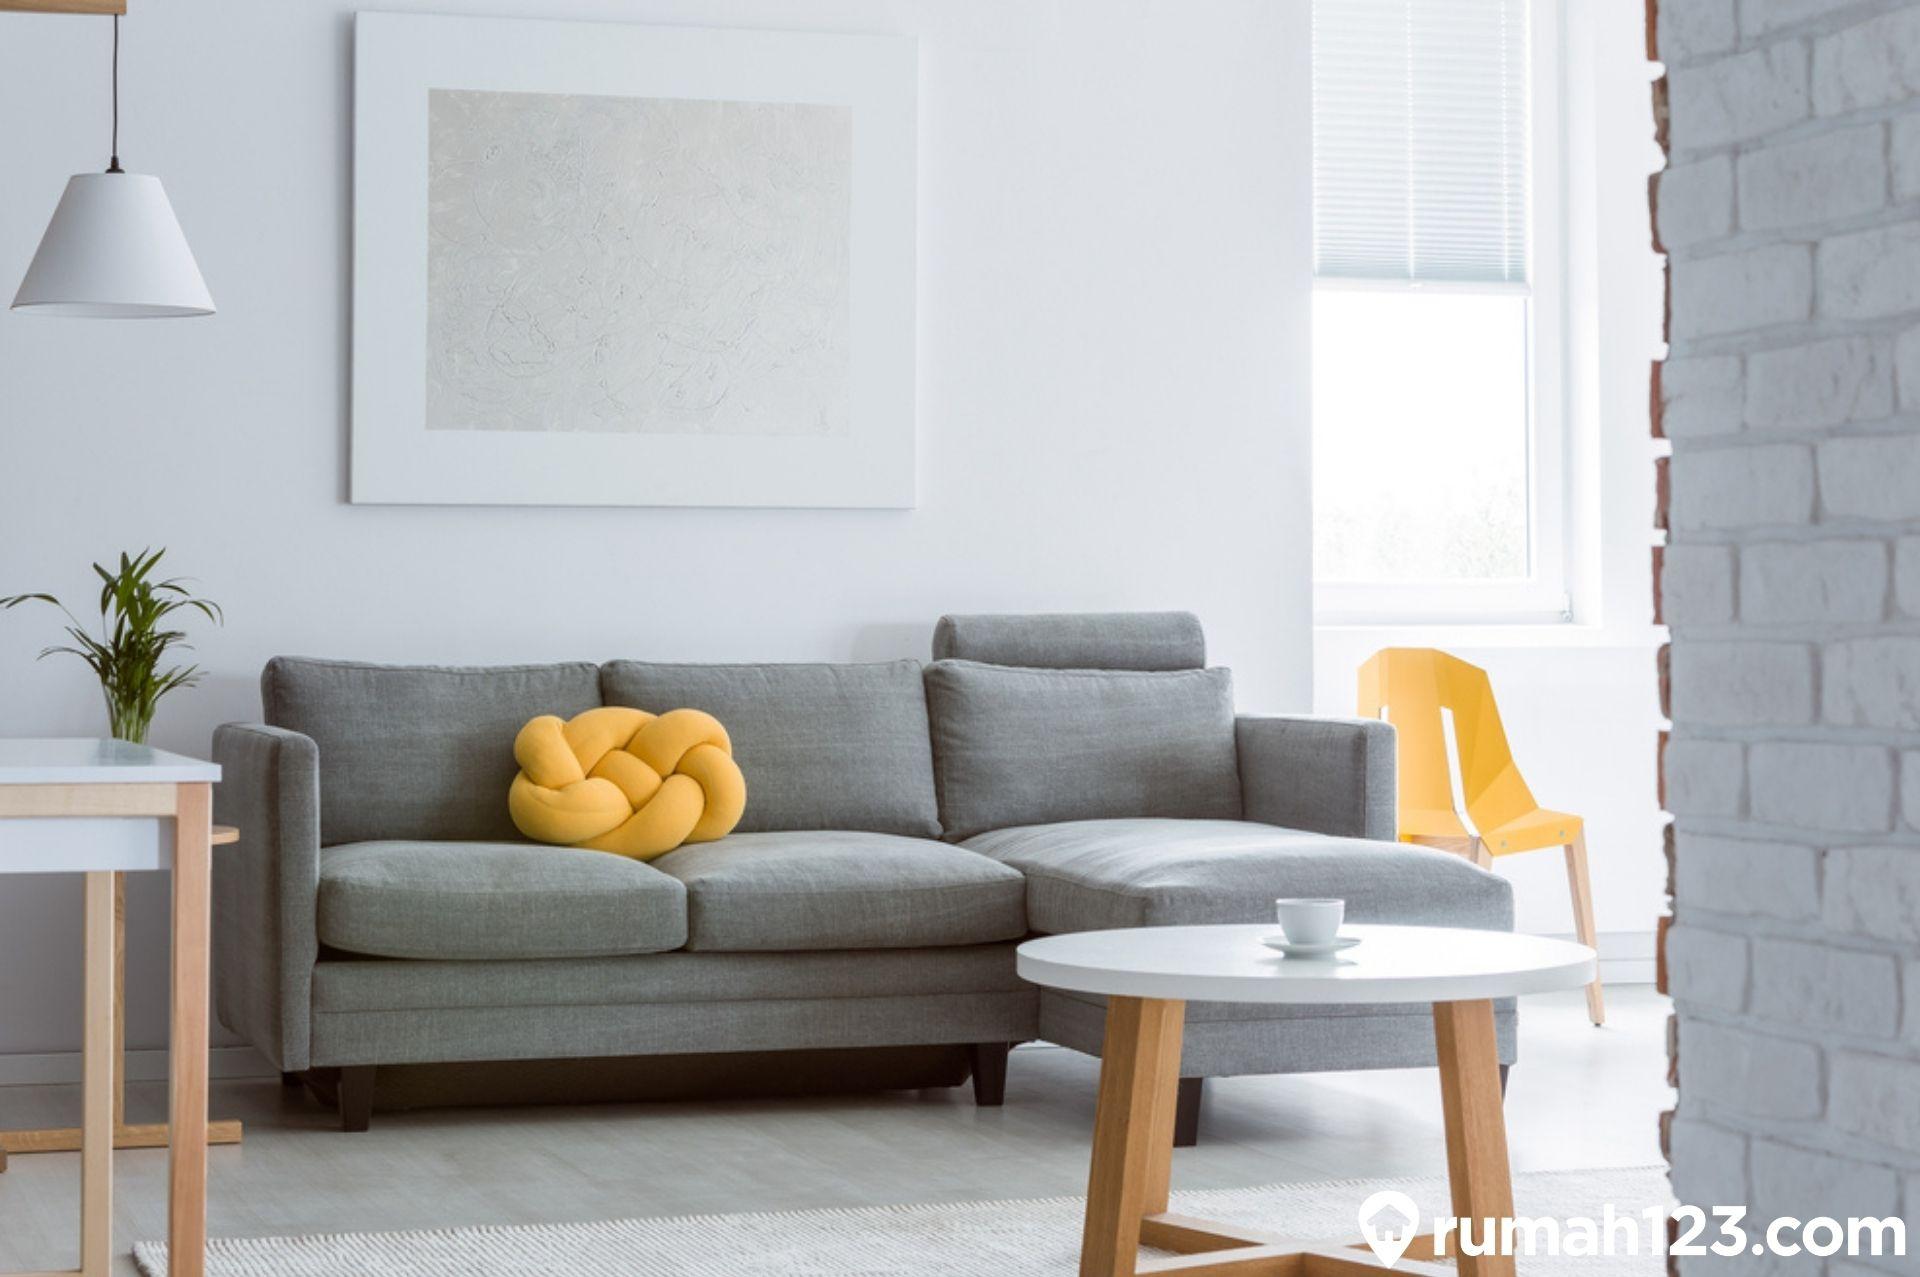 11 Meja Ruang Tamu Minimalis Estetis Dan Anti Makan Tempat Rumah123 Com